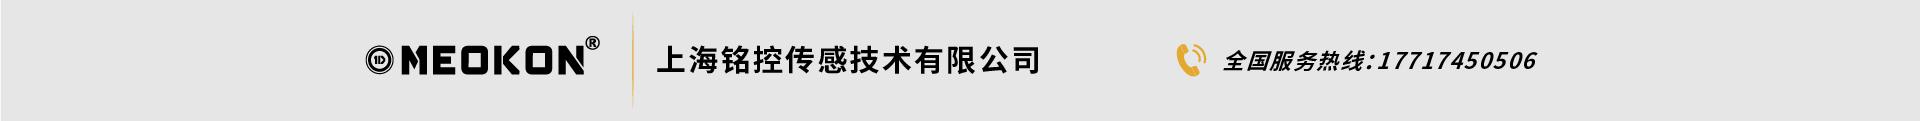 上海銘控感測技術有限公司